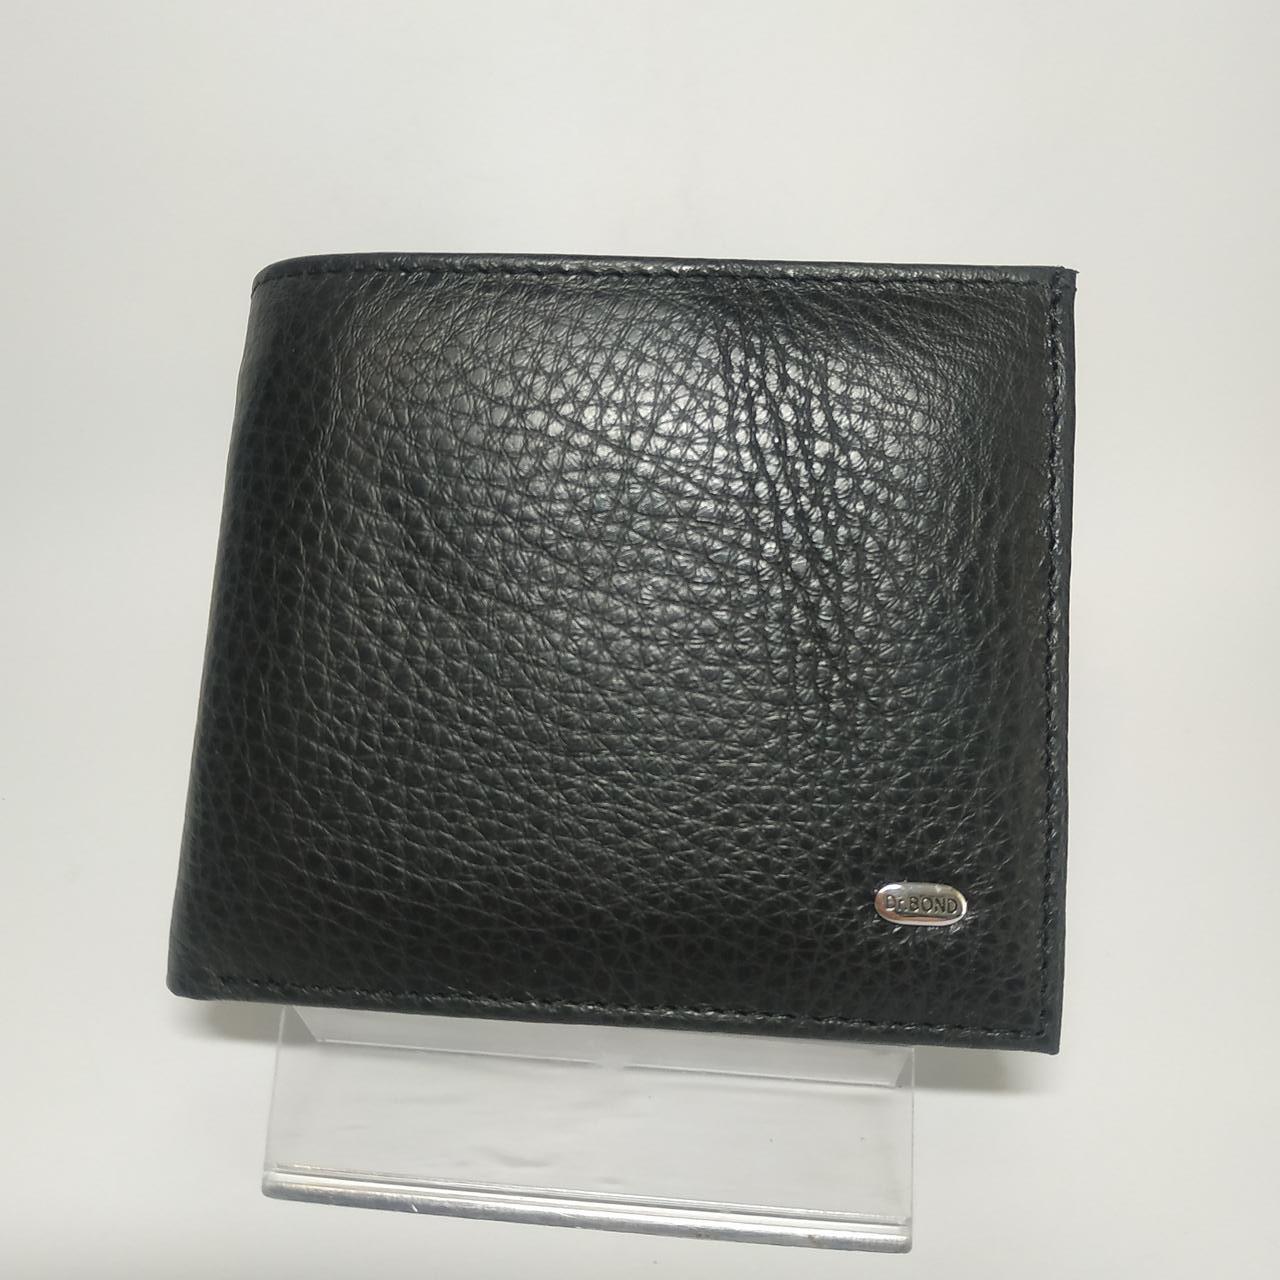 Кожаный мужской кошелек портмоне Classic DR. BOND M54 black